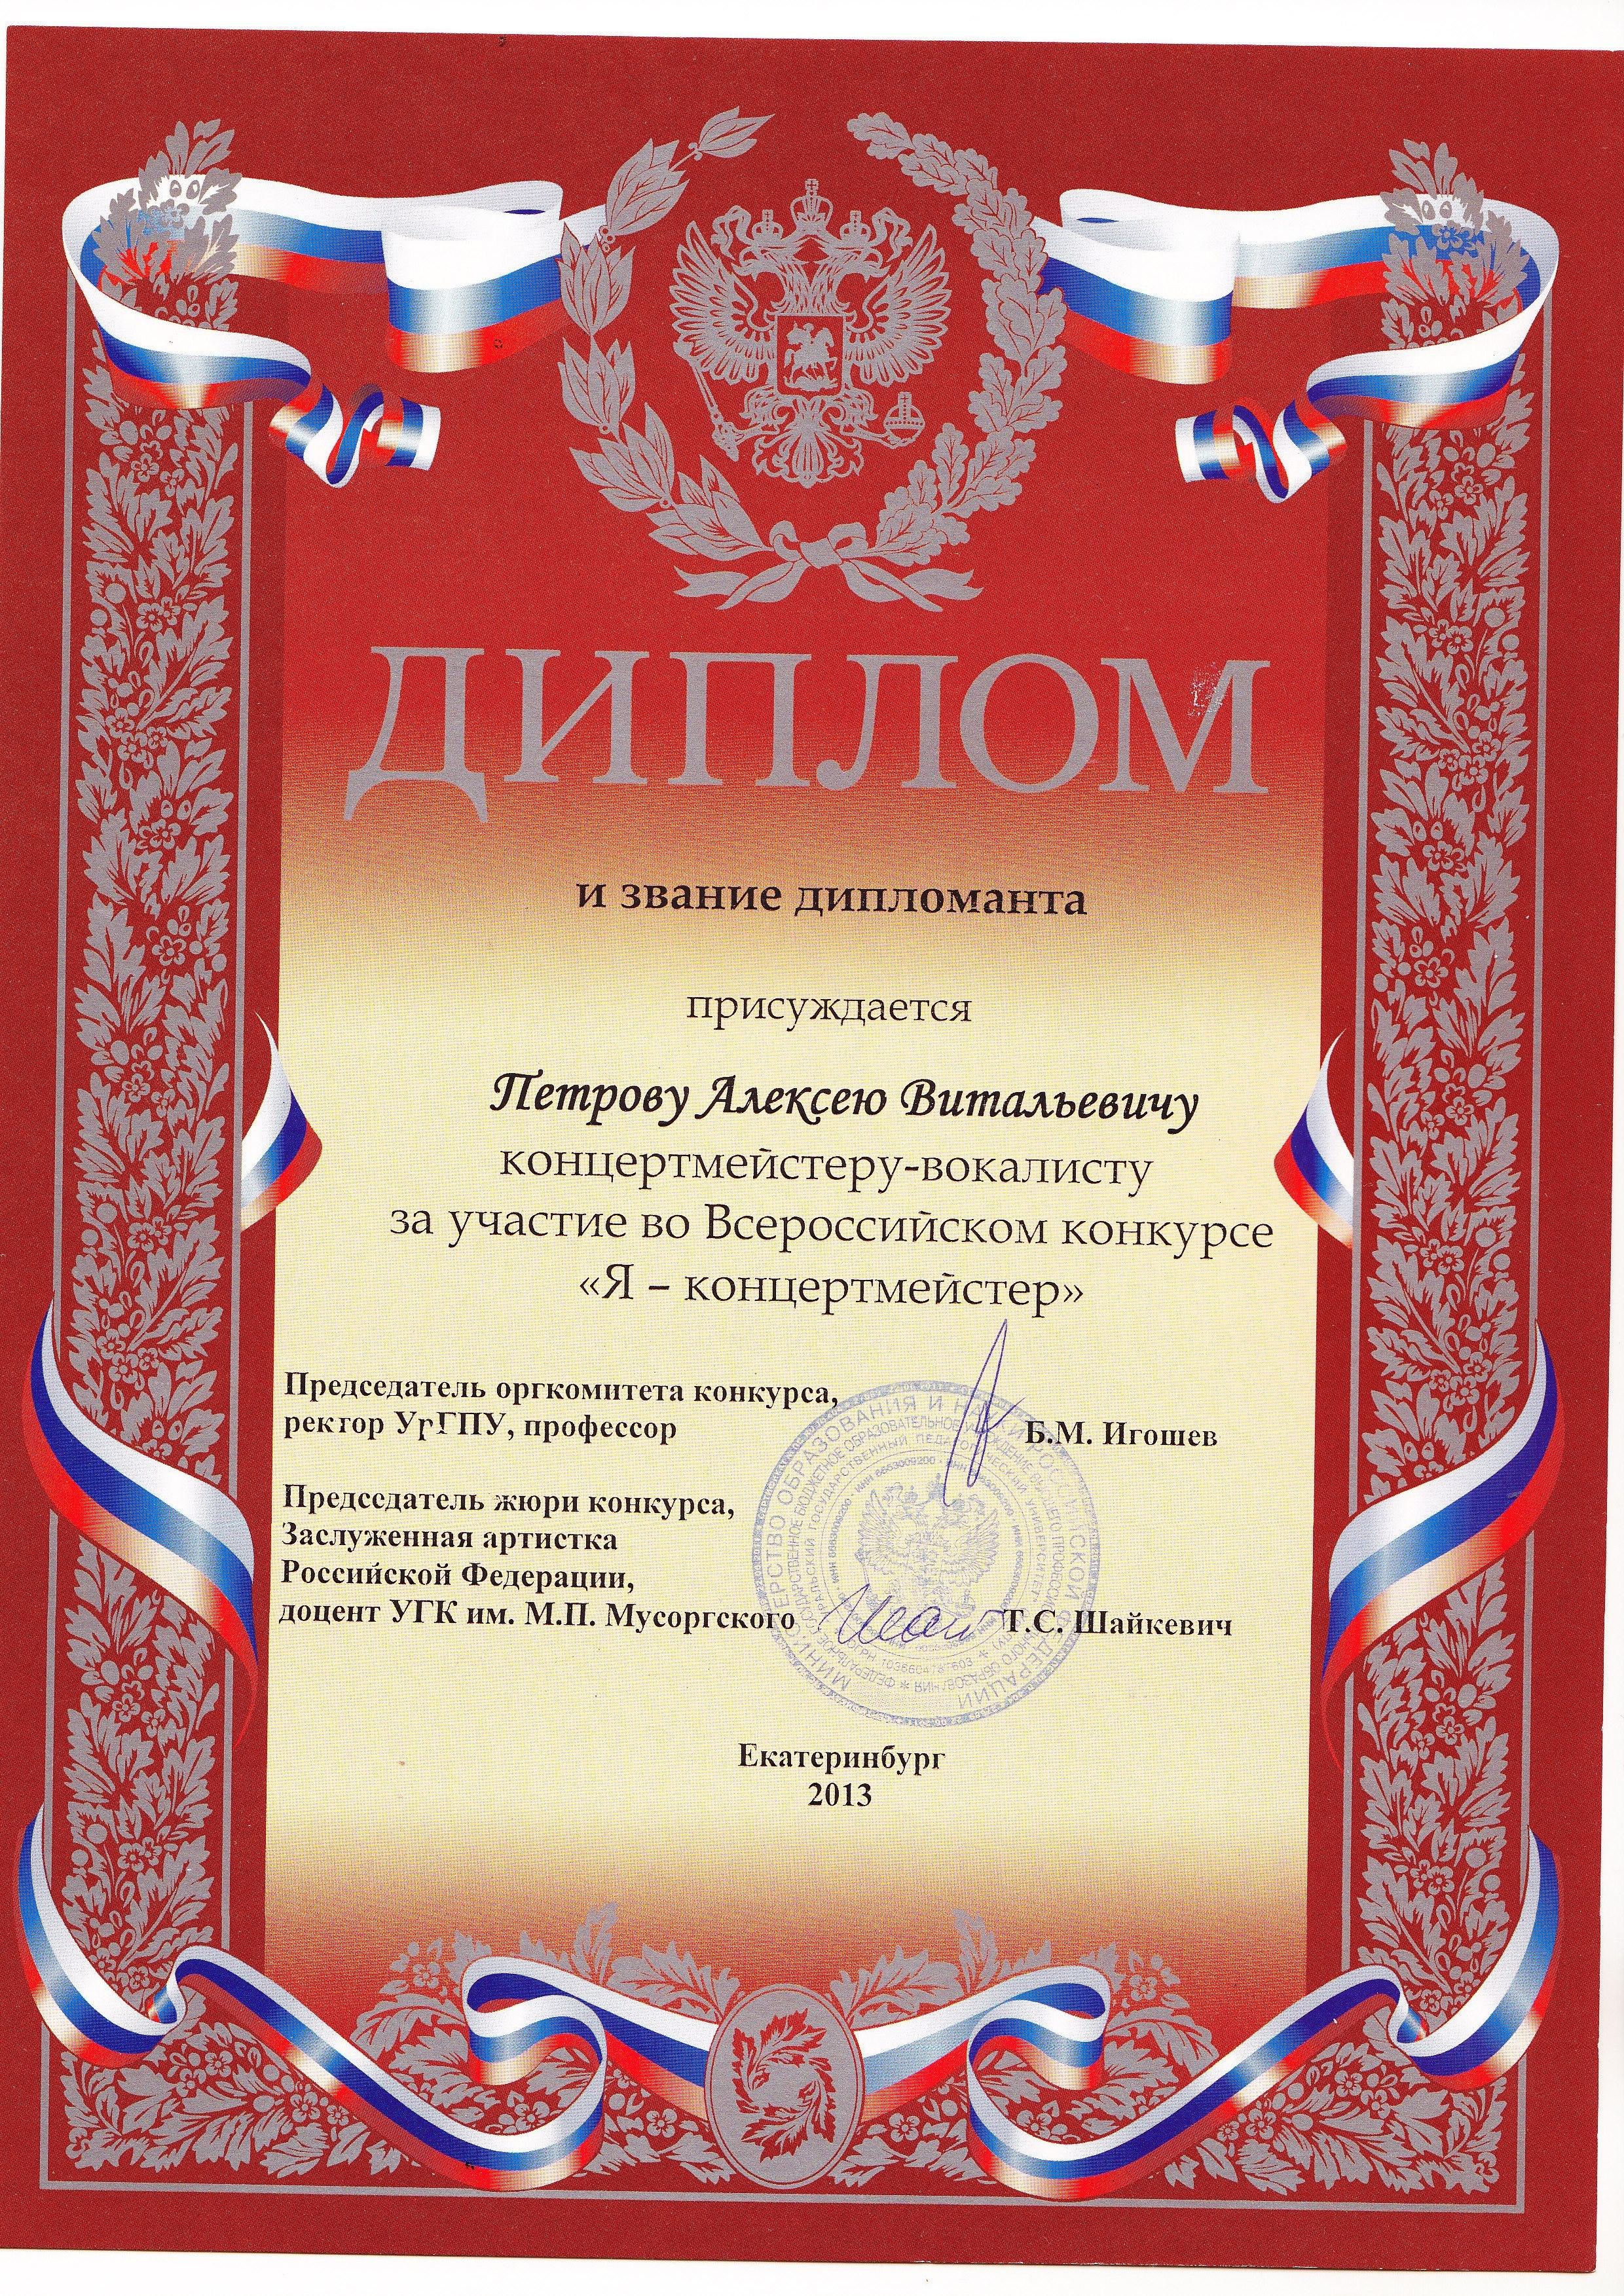 Алексей Петров. награды. 4.jpg